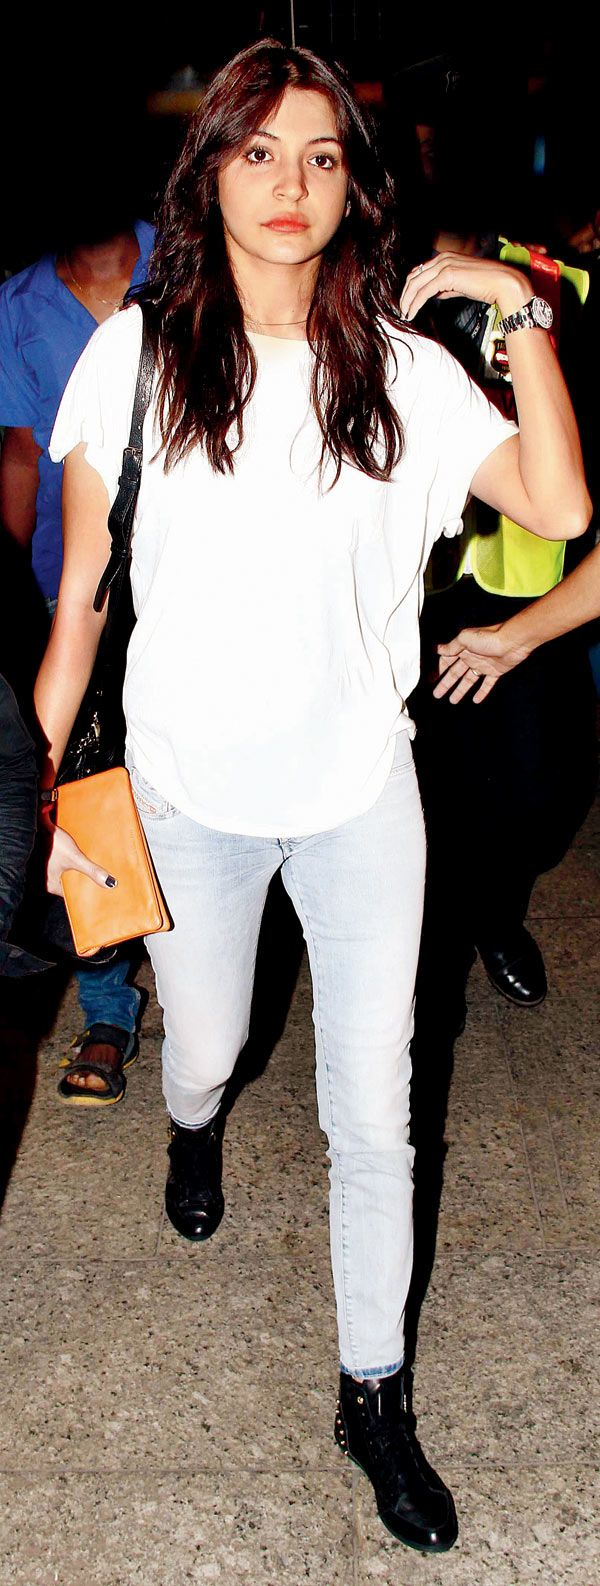 Anushka Sharma #Bollywood #Fashion #Style #Beauty